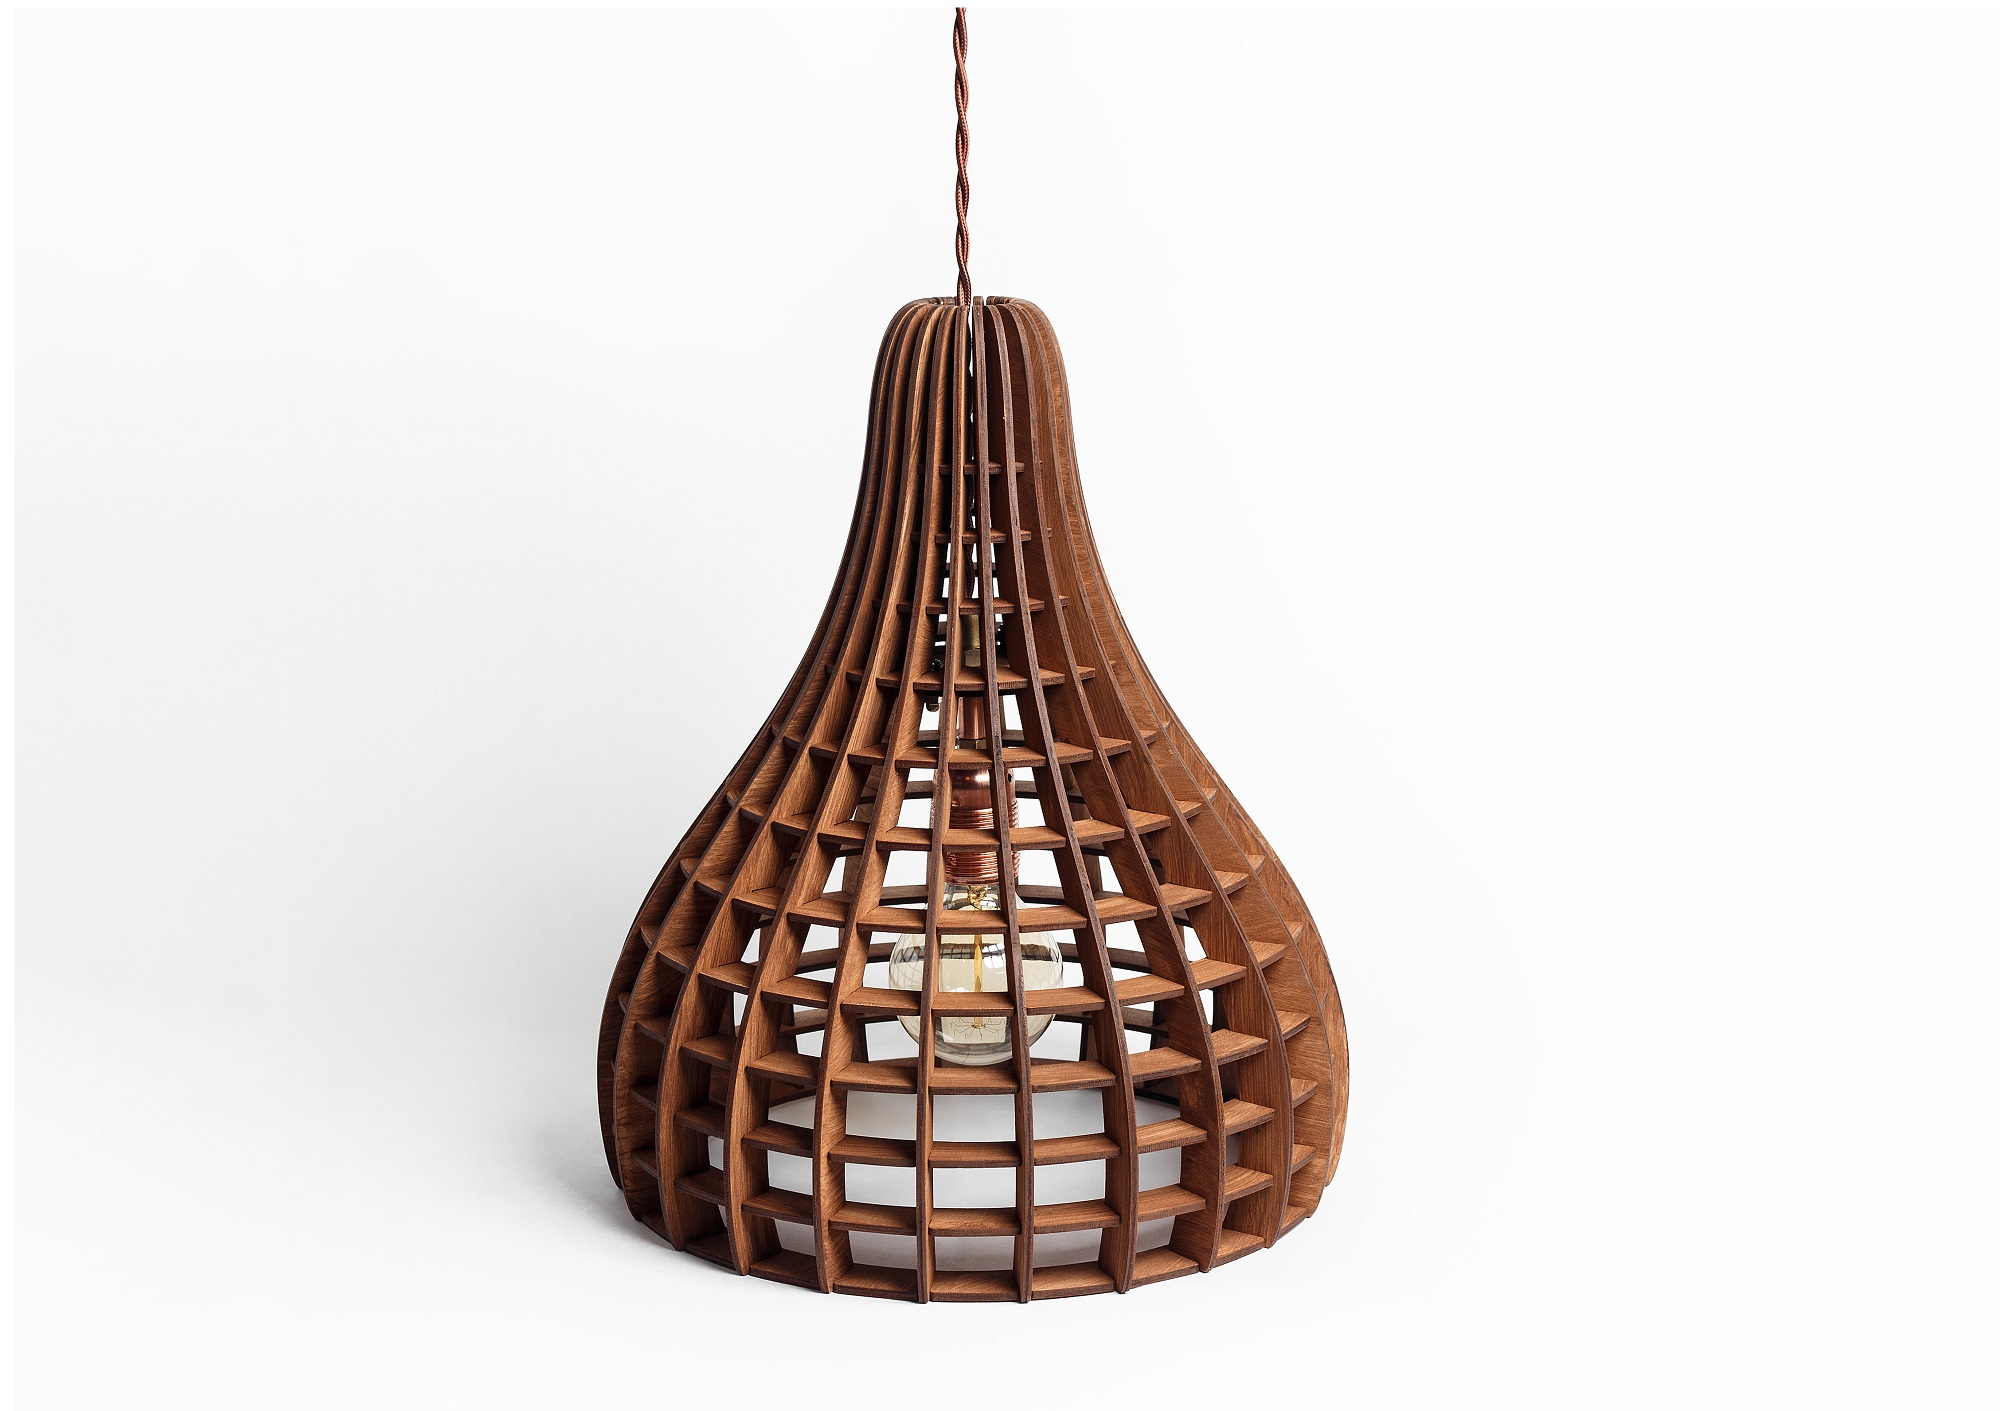 Деревянный светильник ВулканПодвесные светильники<br>Деревянная люстра в стиле Лофт. Возможно изготовление в двух цветах - натуральный ( покрытый лаком ) и темный ( мореный ) Поставляется в собранном виде.&amp;amp;nbsp;&amp;lt;div&amp;gt;&amp;lt;br&amp;gt;&amp;lt;/div&amp;gt;&amp;lt;div&amp;gt;&amp;lt;div&amp;gt;Вид цоколя: E27&amp;lt;/div&amp;gt;&amp;lt;div&amp;gt;Мощность: 60W&amp;lt;/div&amp;gt;&amp;lt;div&amp;gt;Количество ламп: 1 (нет в комплекте)&amp;lt;/div&amp;gt;&amp;lt;/div&amp;gt;<br><br>Material: Дерево